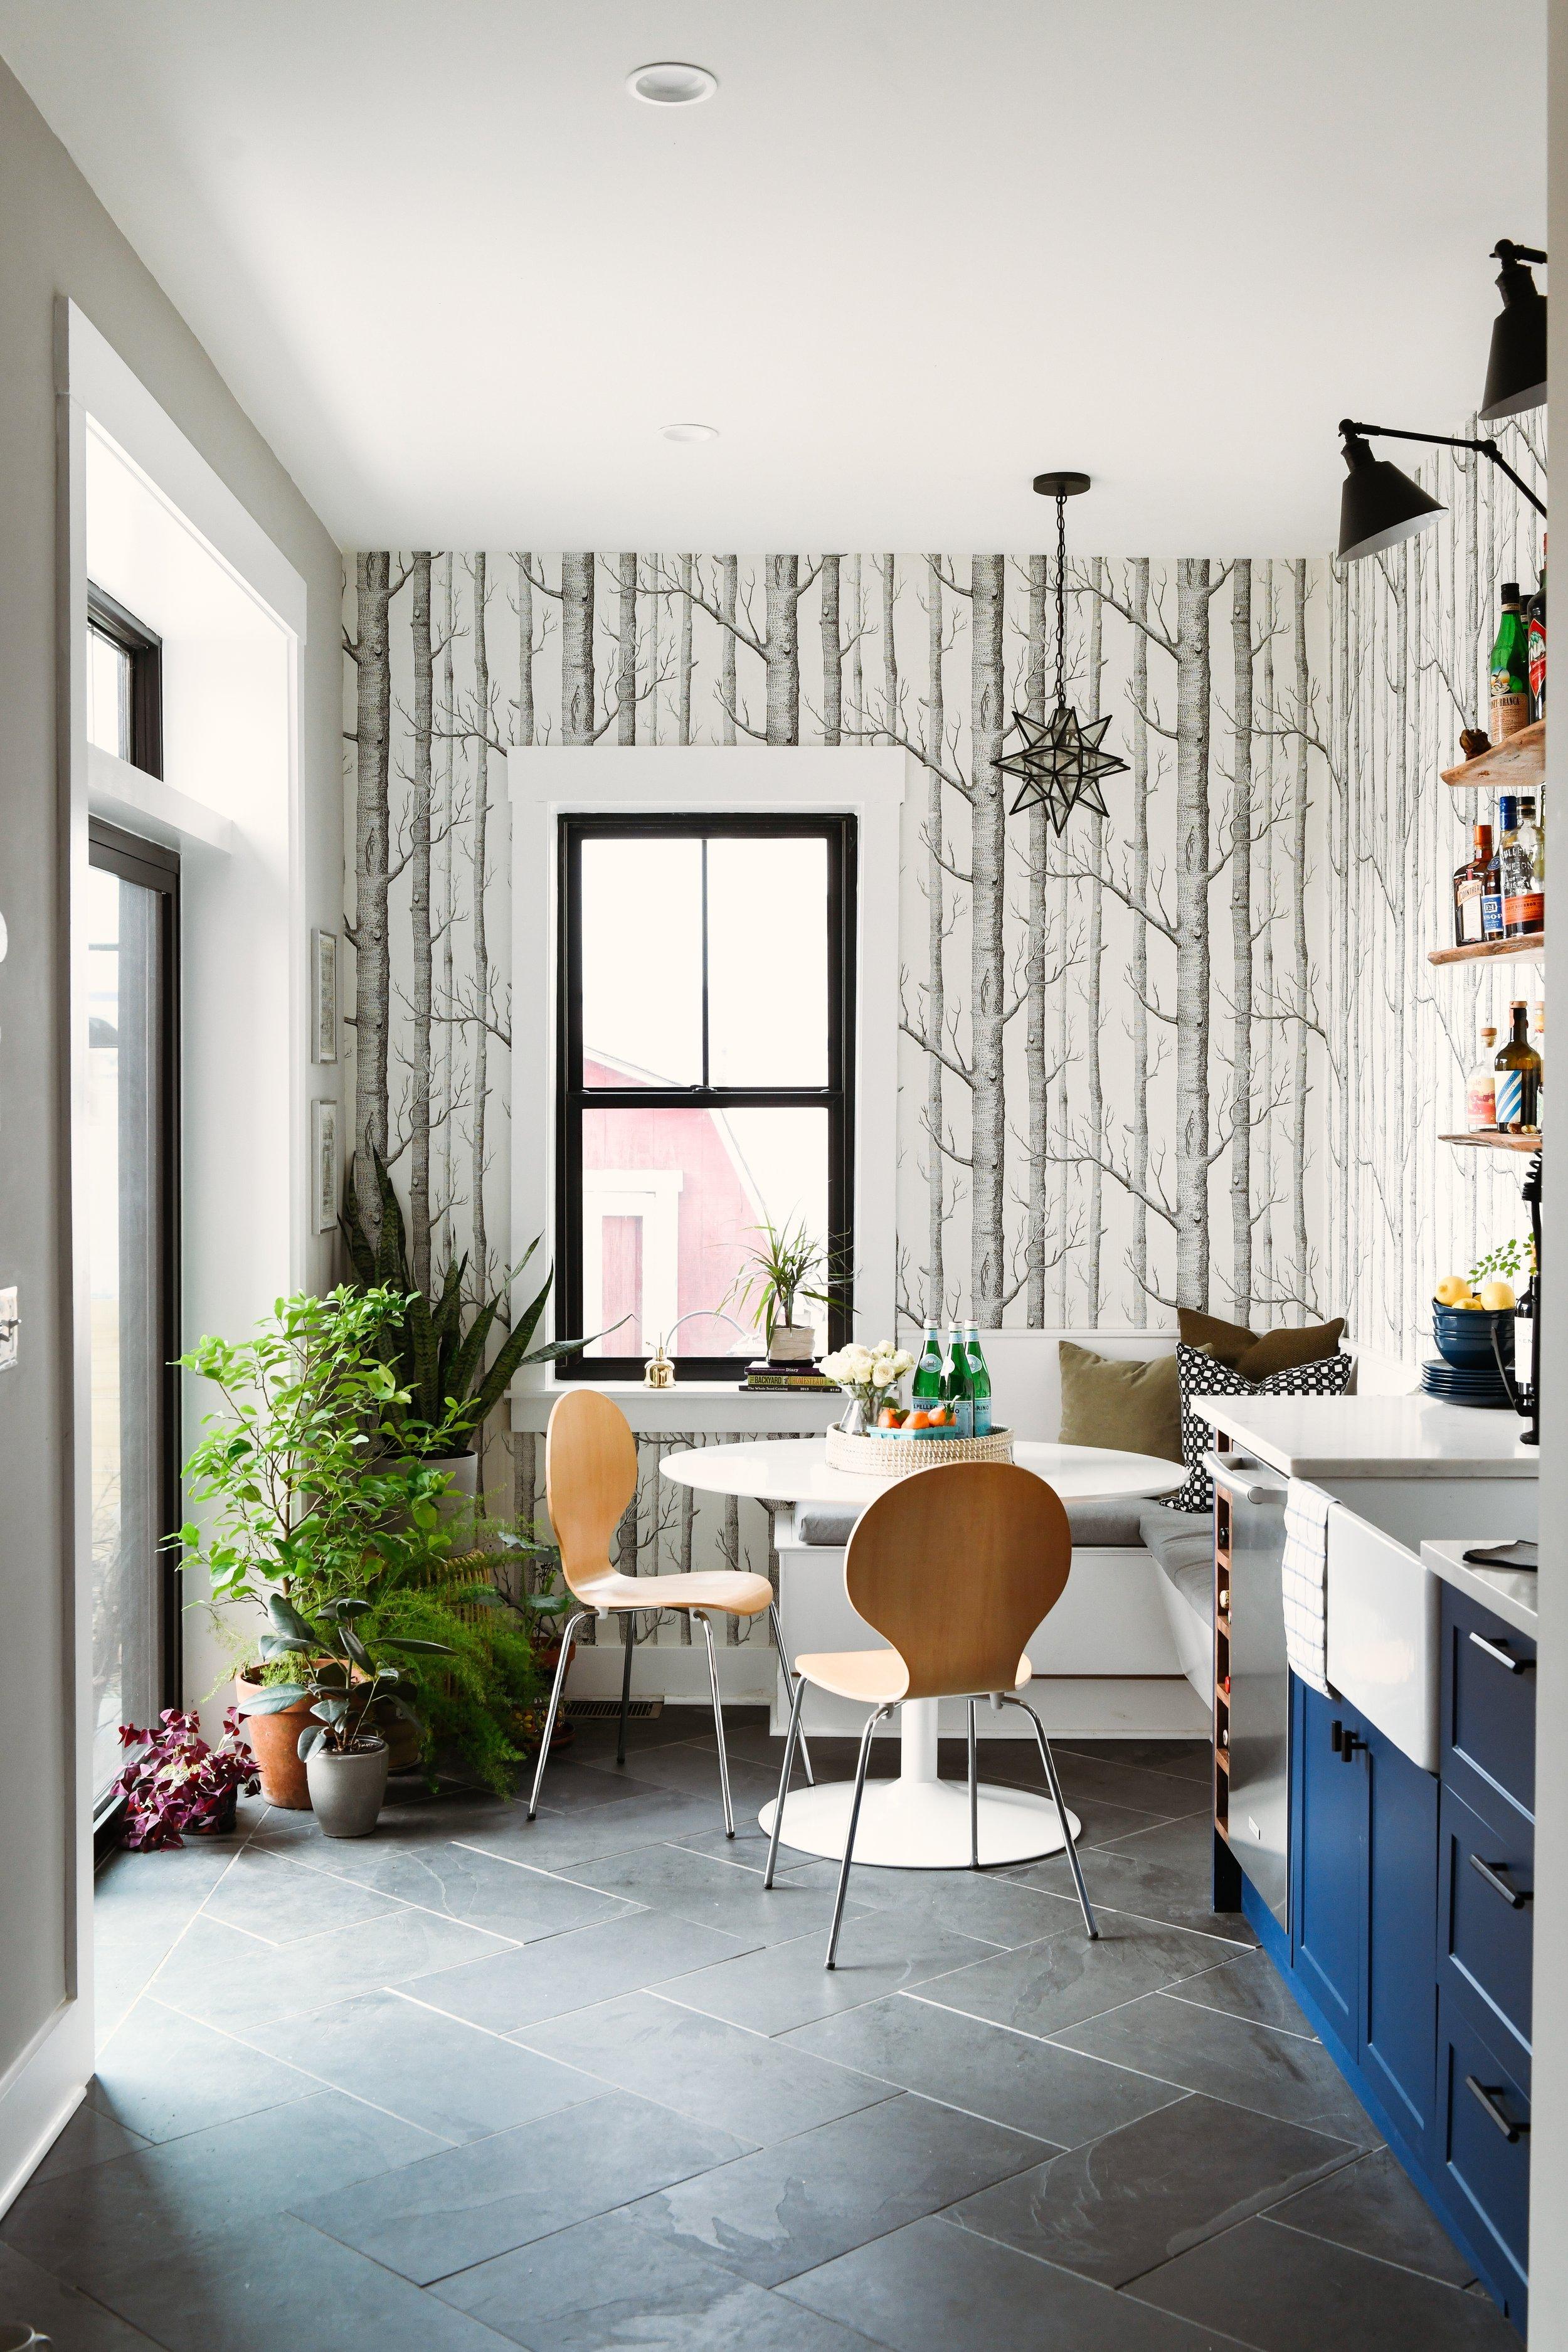 Katy Popple Design Kitchen - Breakfast Nook Bar 4.jpeg